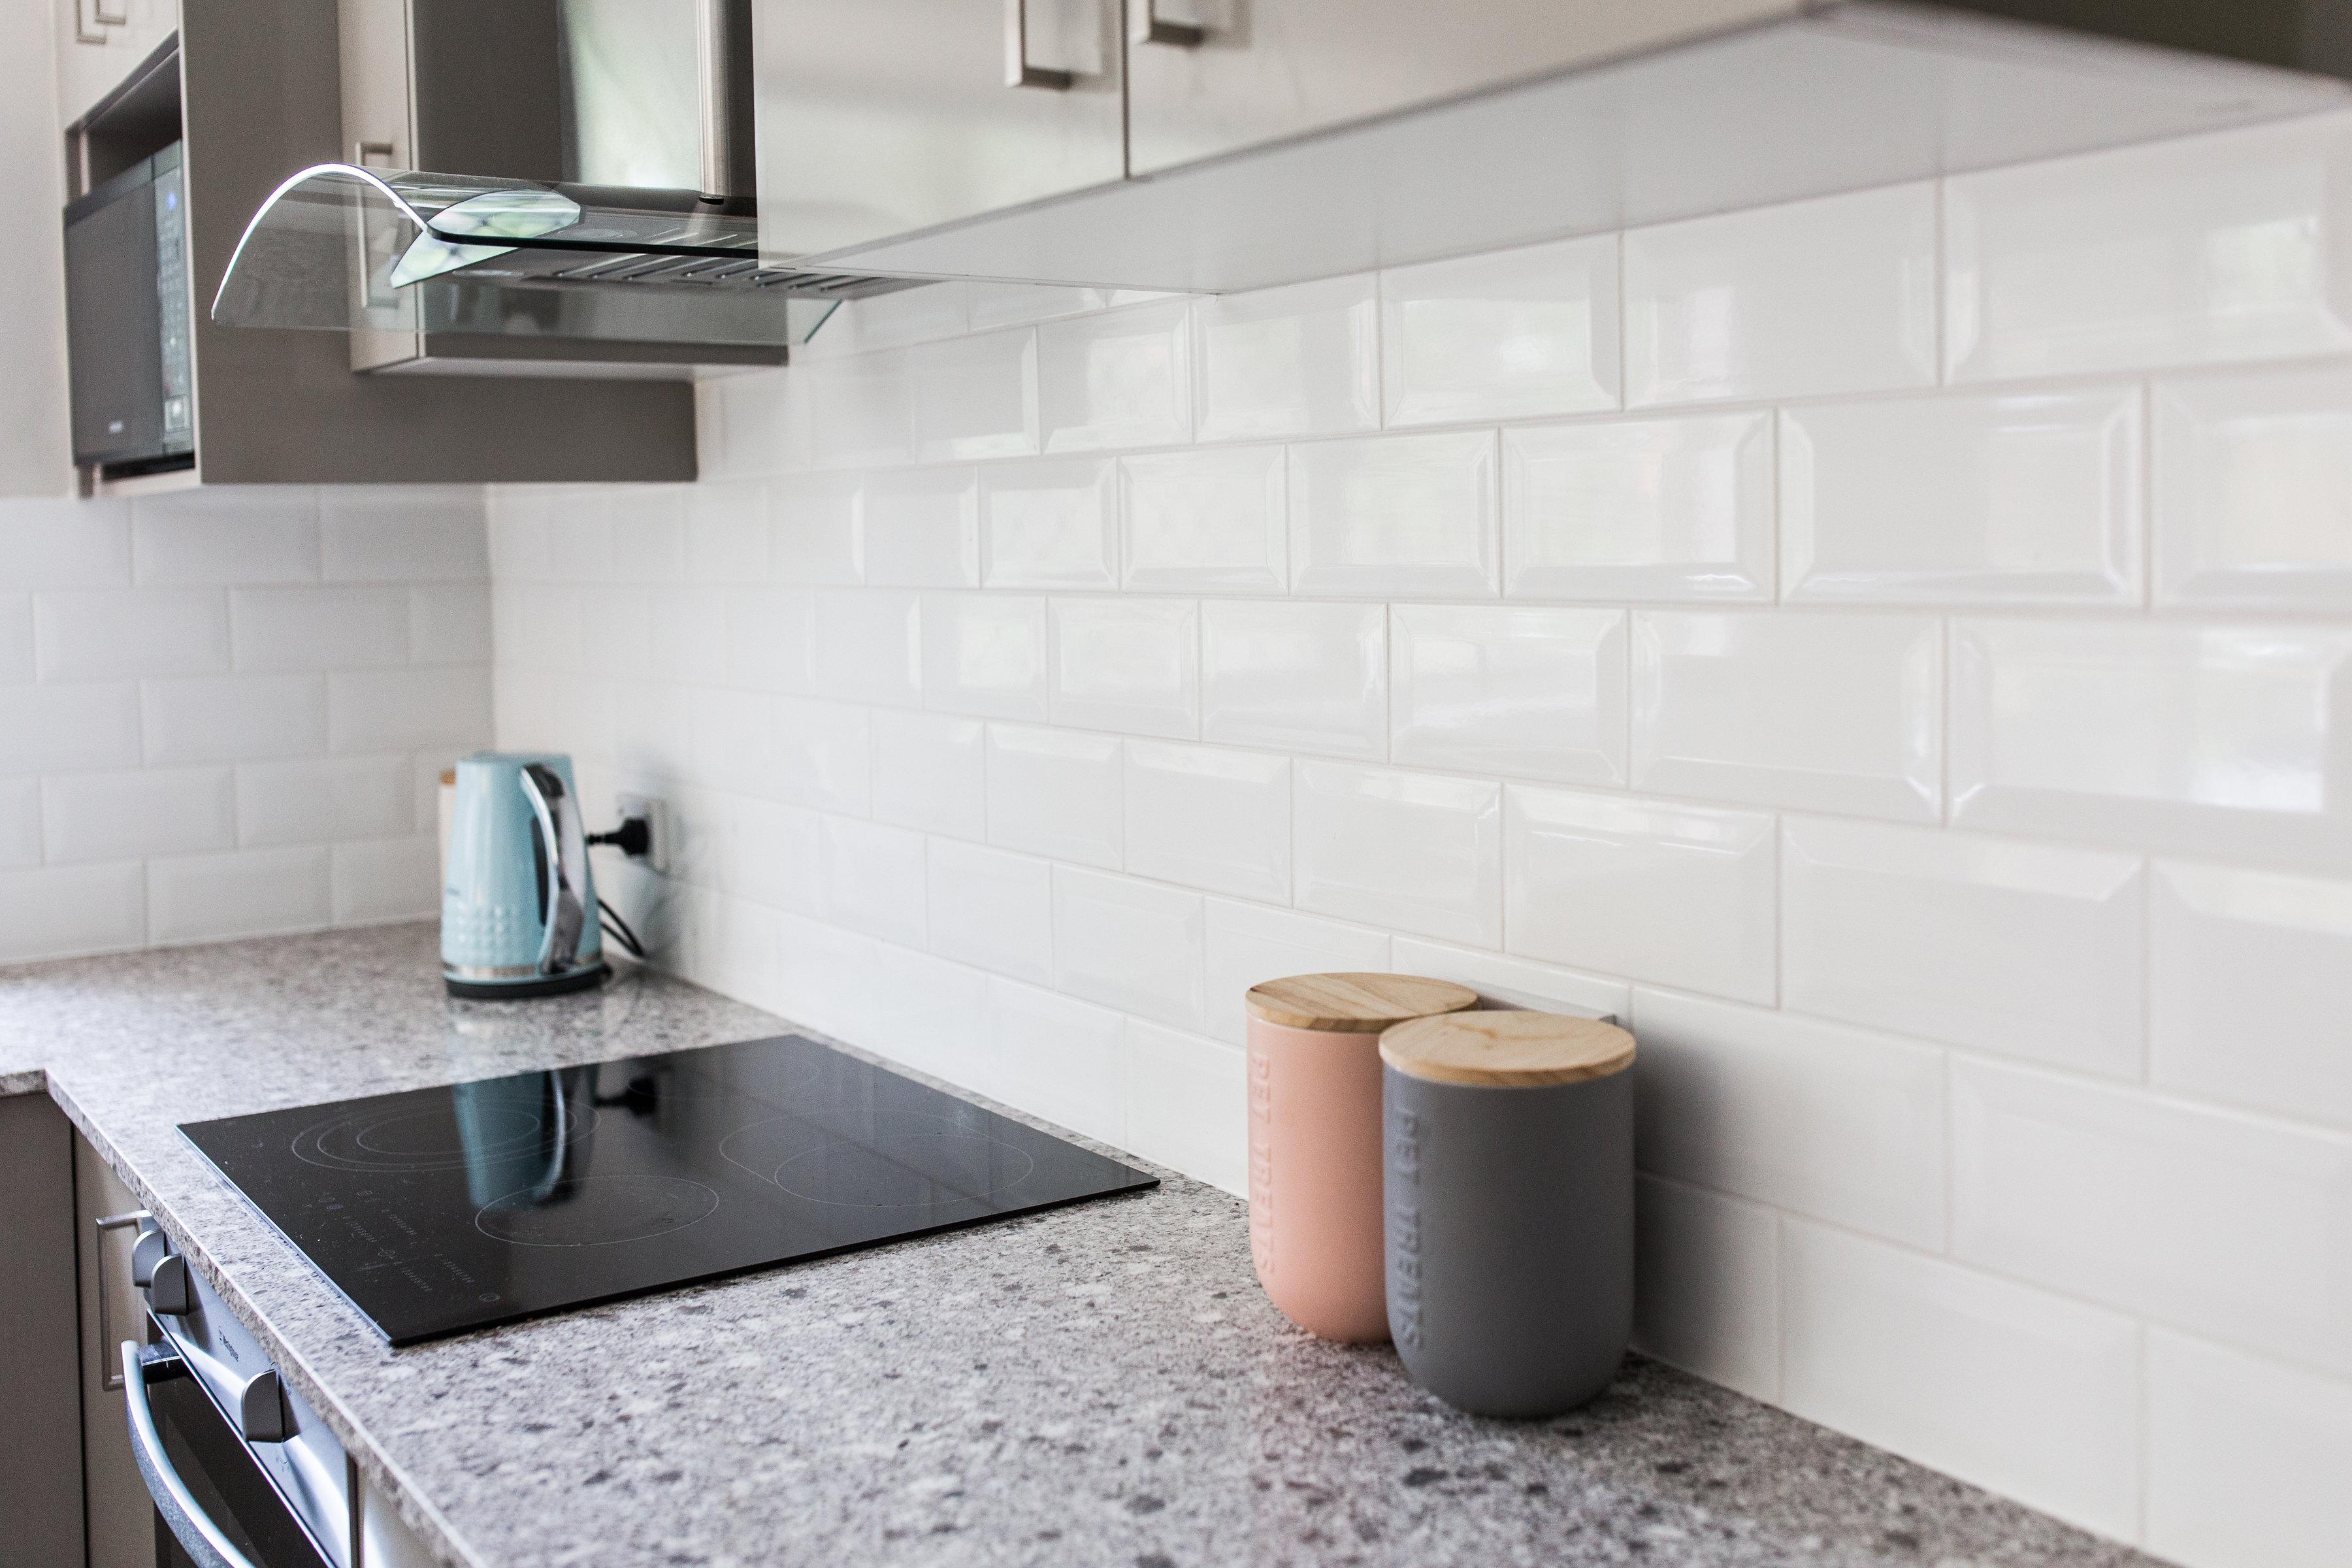 Subway tile splashback